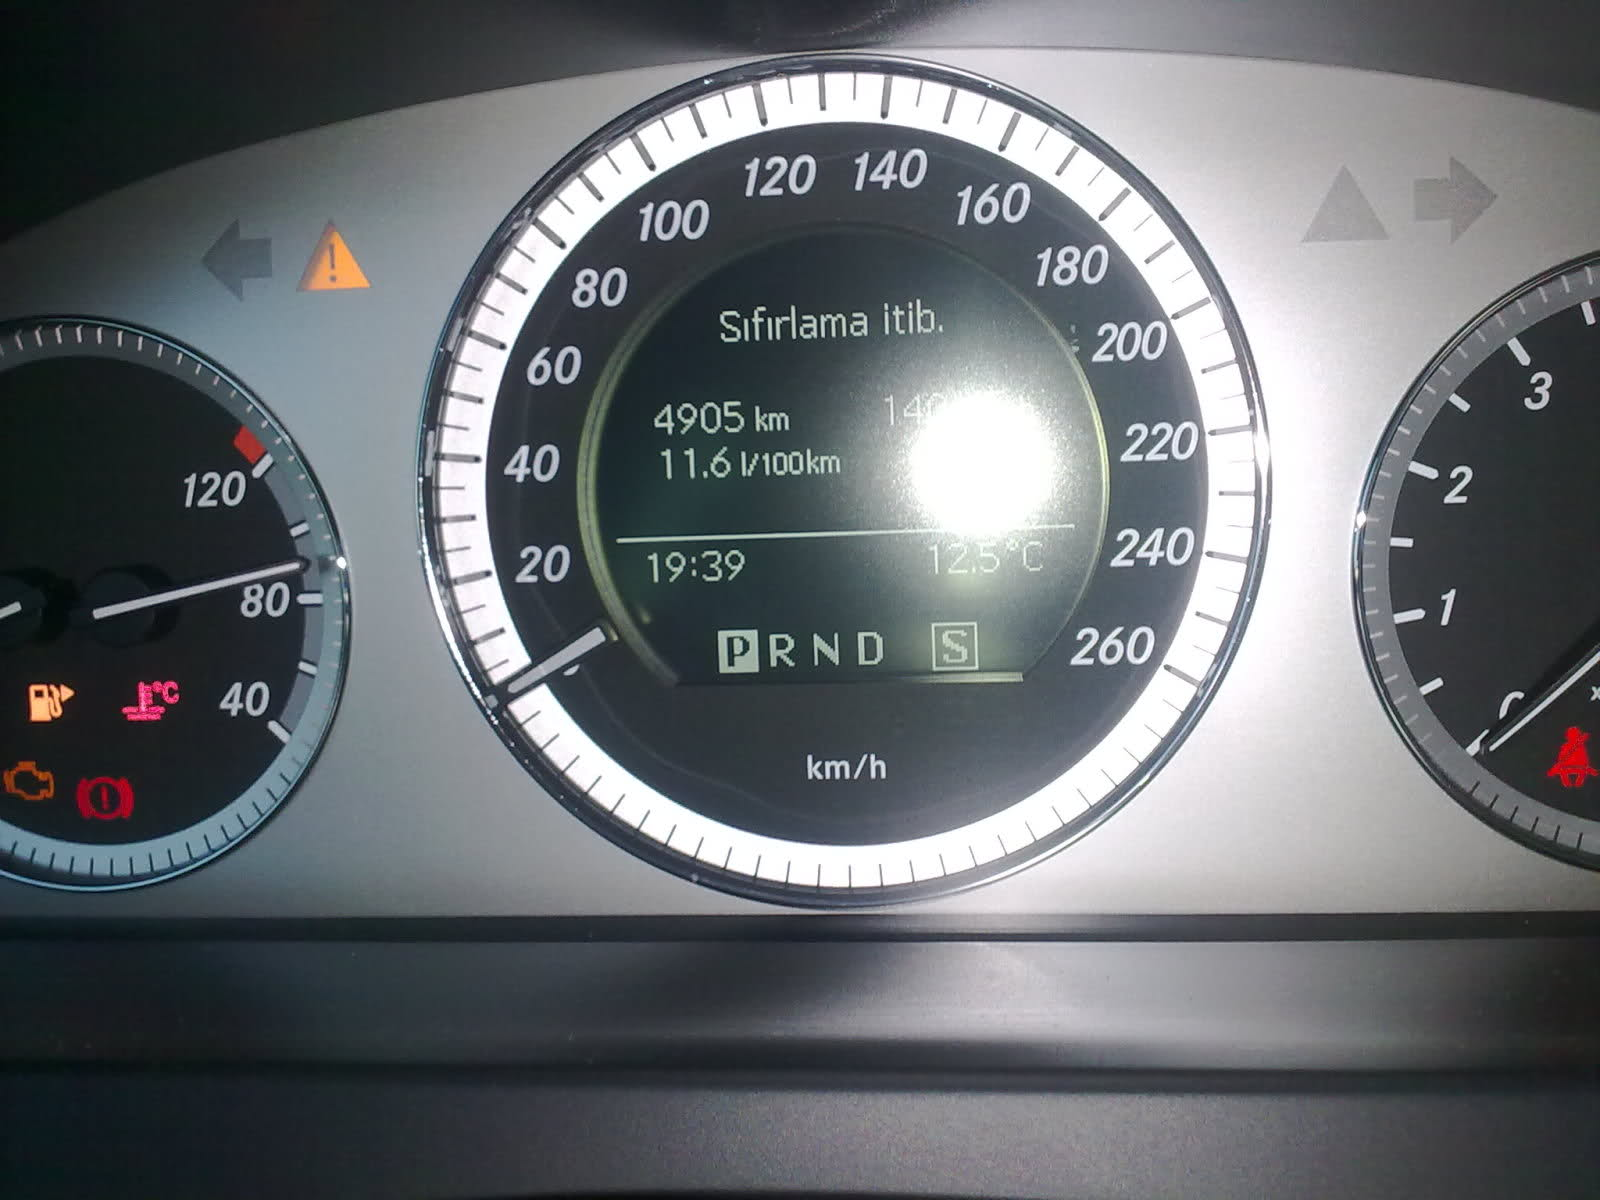 2009 mercedes c180k 10000km ye yaklasirken kisa testİm ve yakit